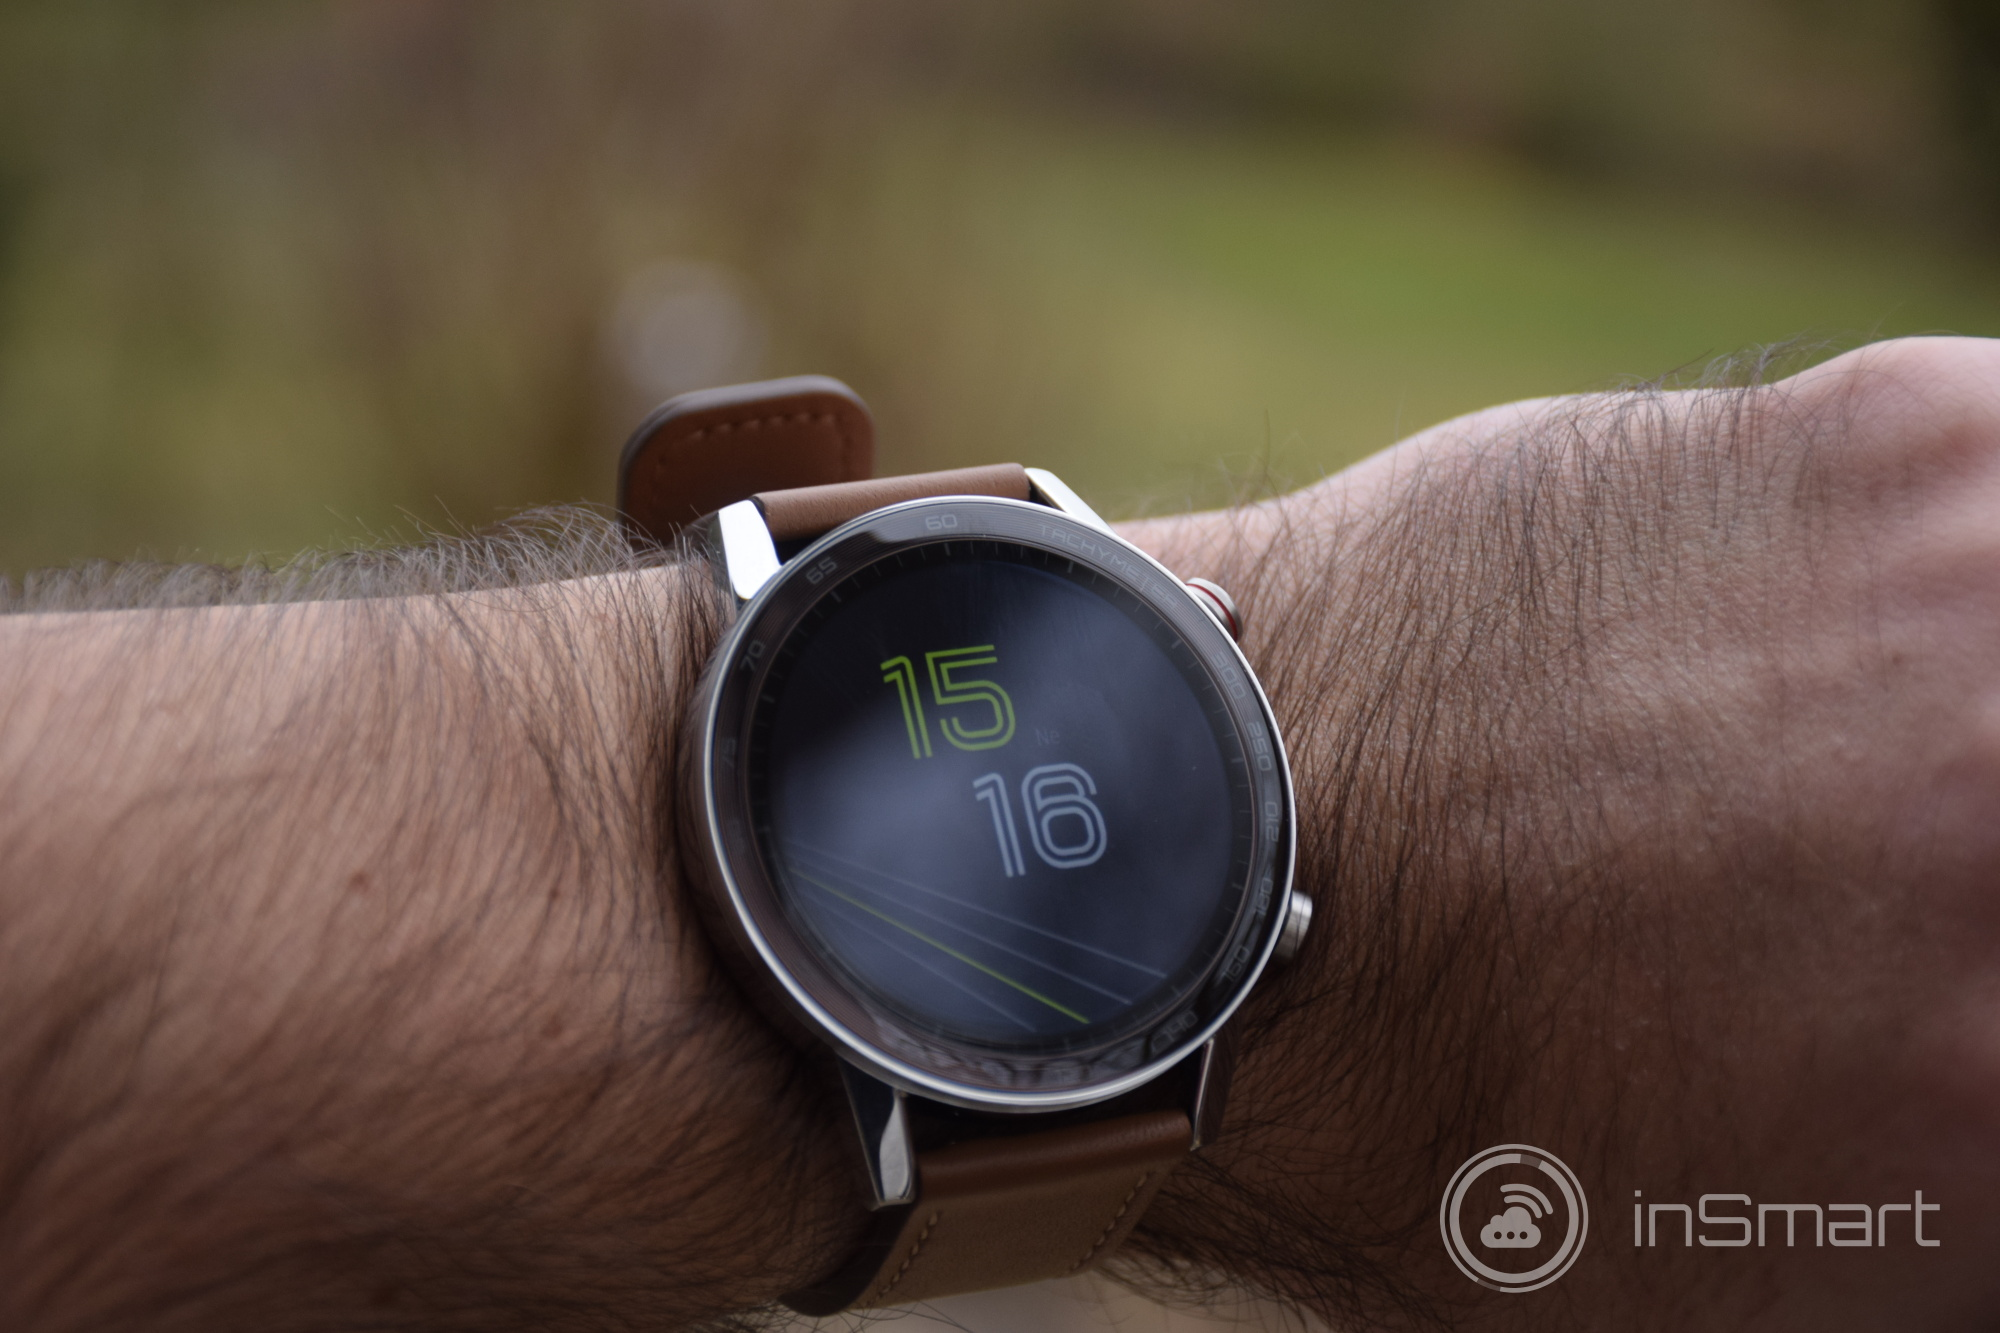 Obrázek: Test elegantních chytrých hodinek s duší sportovce: Jaké jsou Honor MagicWatch 2?